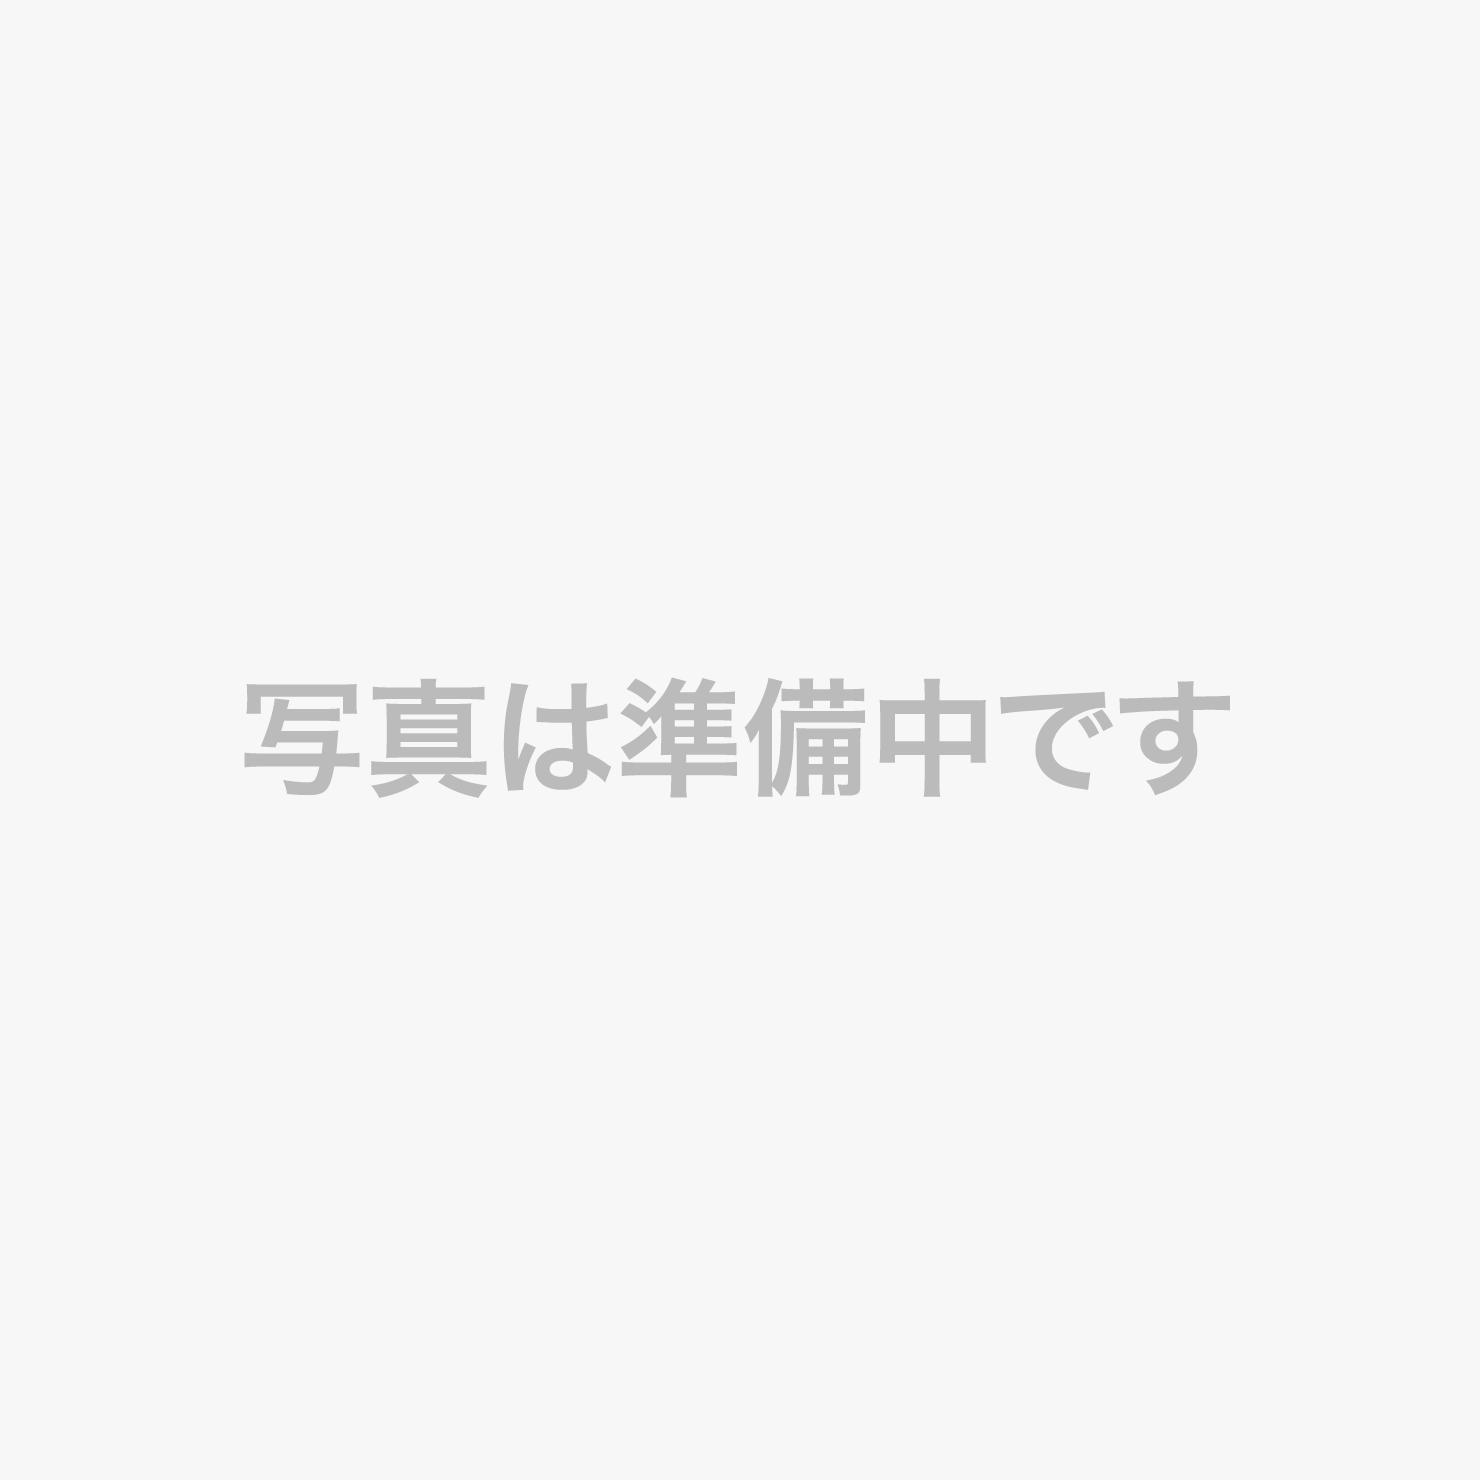 【ロイヤルグランシャリオ】目の前で捌く新鮮なお刺身/ライブキッチン和食